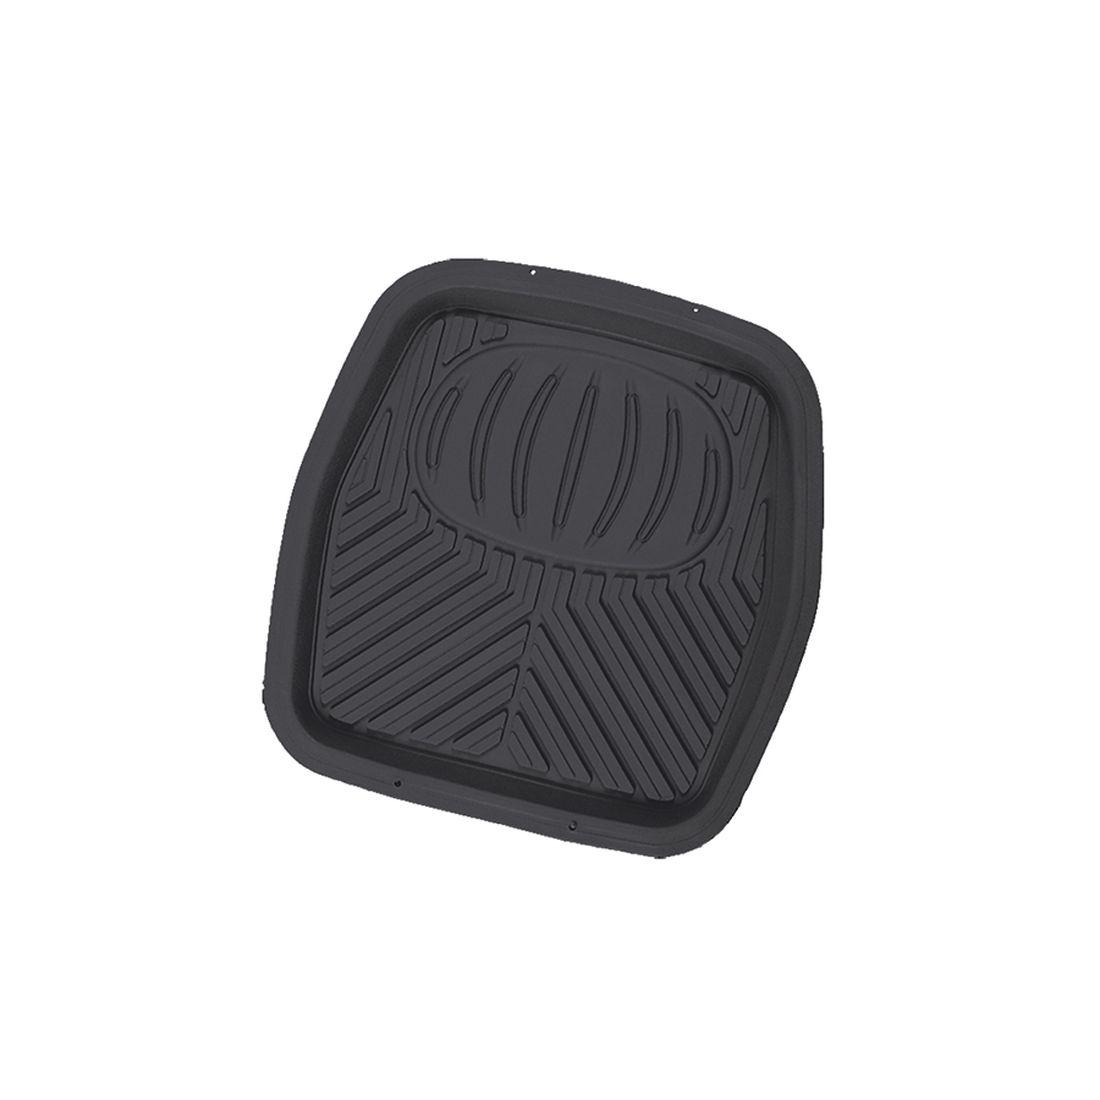 Коврик в салон автомобиля Autoprofi, для заднего ряда, универсальный, ванночка, цвет: черныйRUS-105r BKПрочный и долговечный коврик предназначен для заднего ряда. Выдерживает морозы до -20 С.